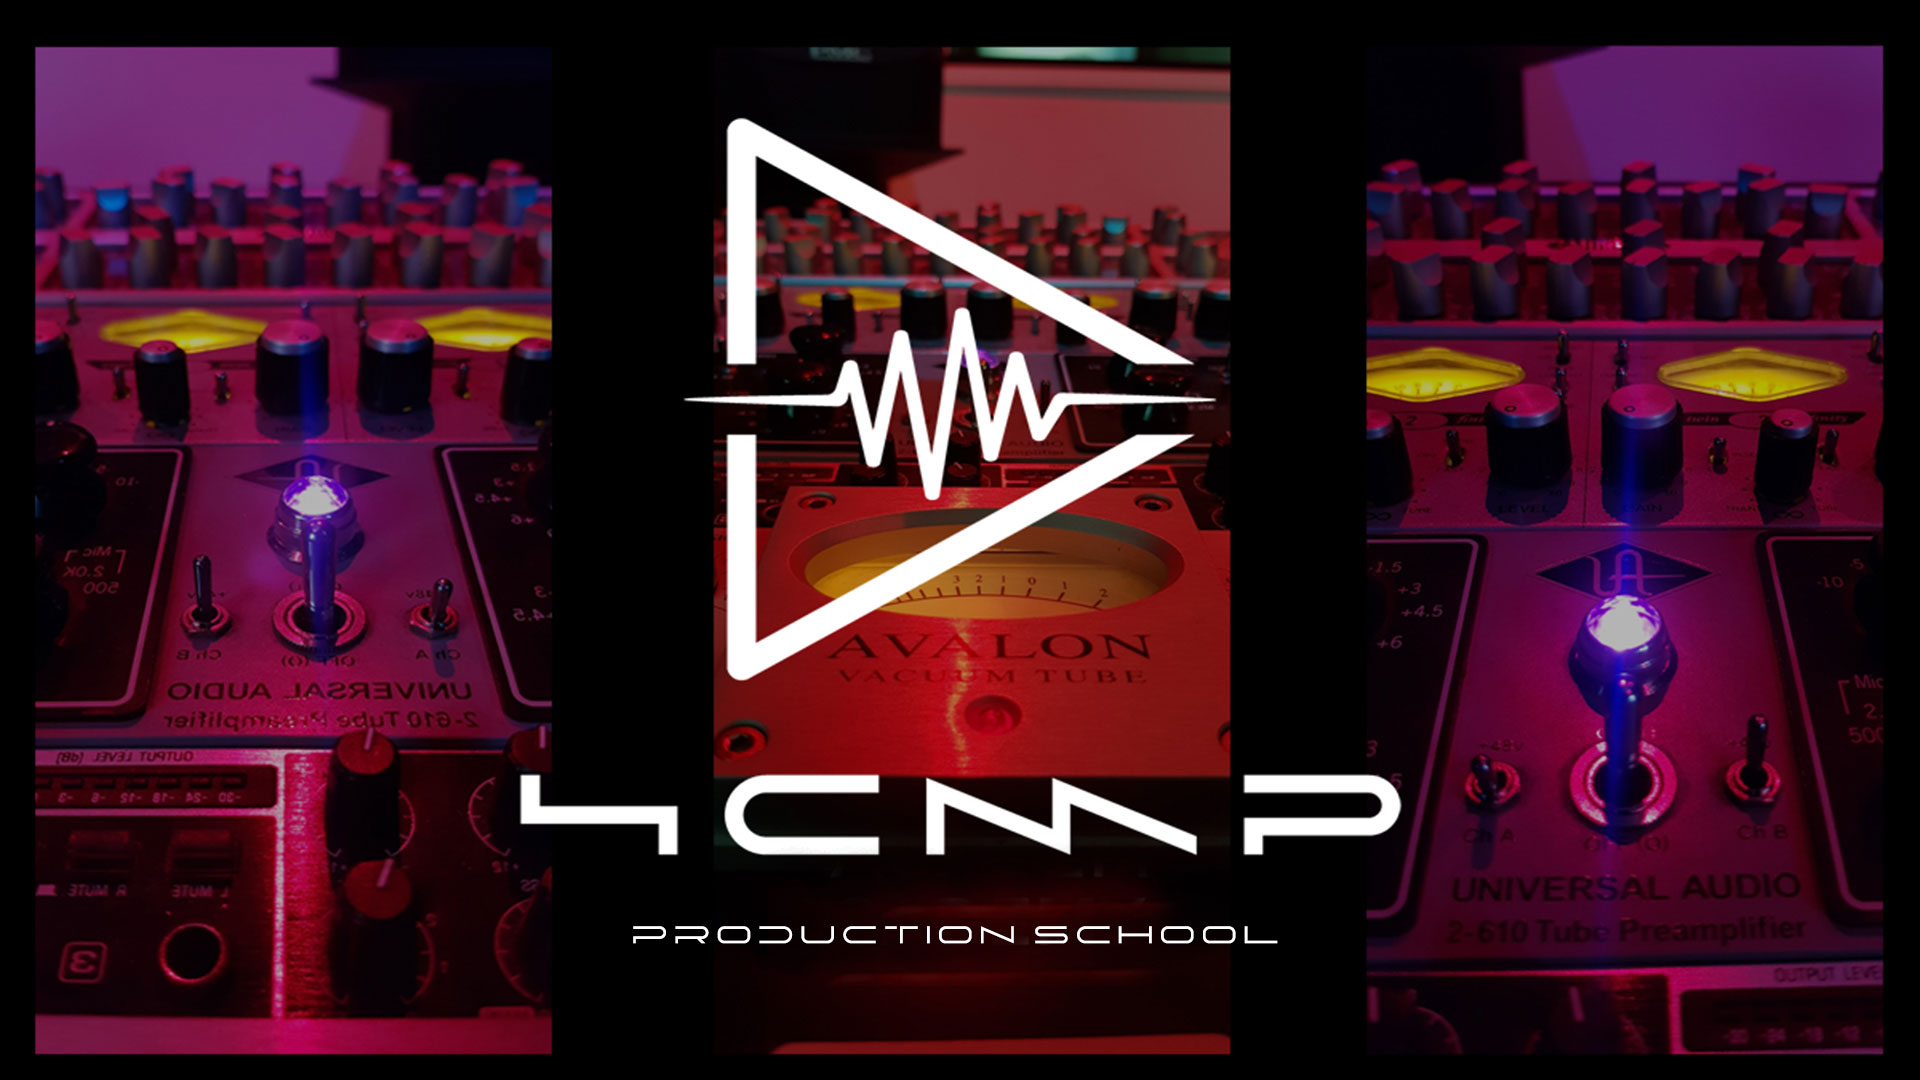 4cmp production school